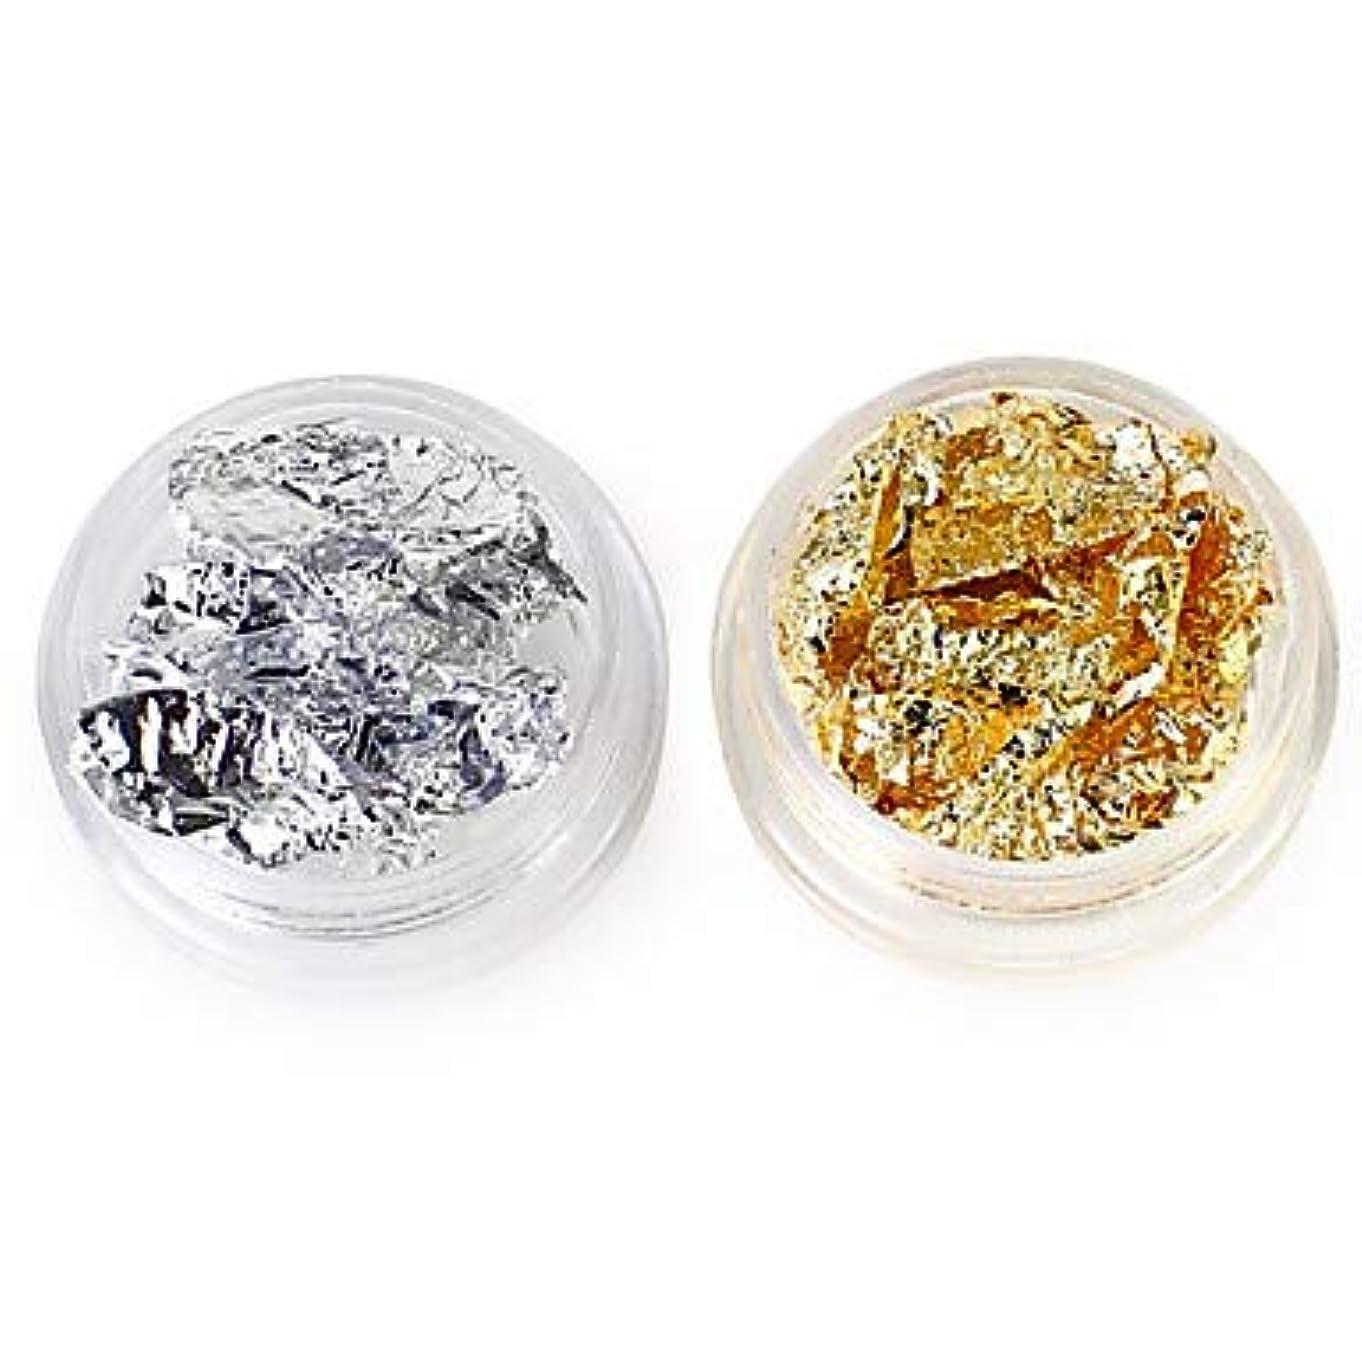 2本の箔ネイルアートデコレーションゴールデンシルバーホイル